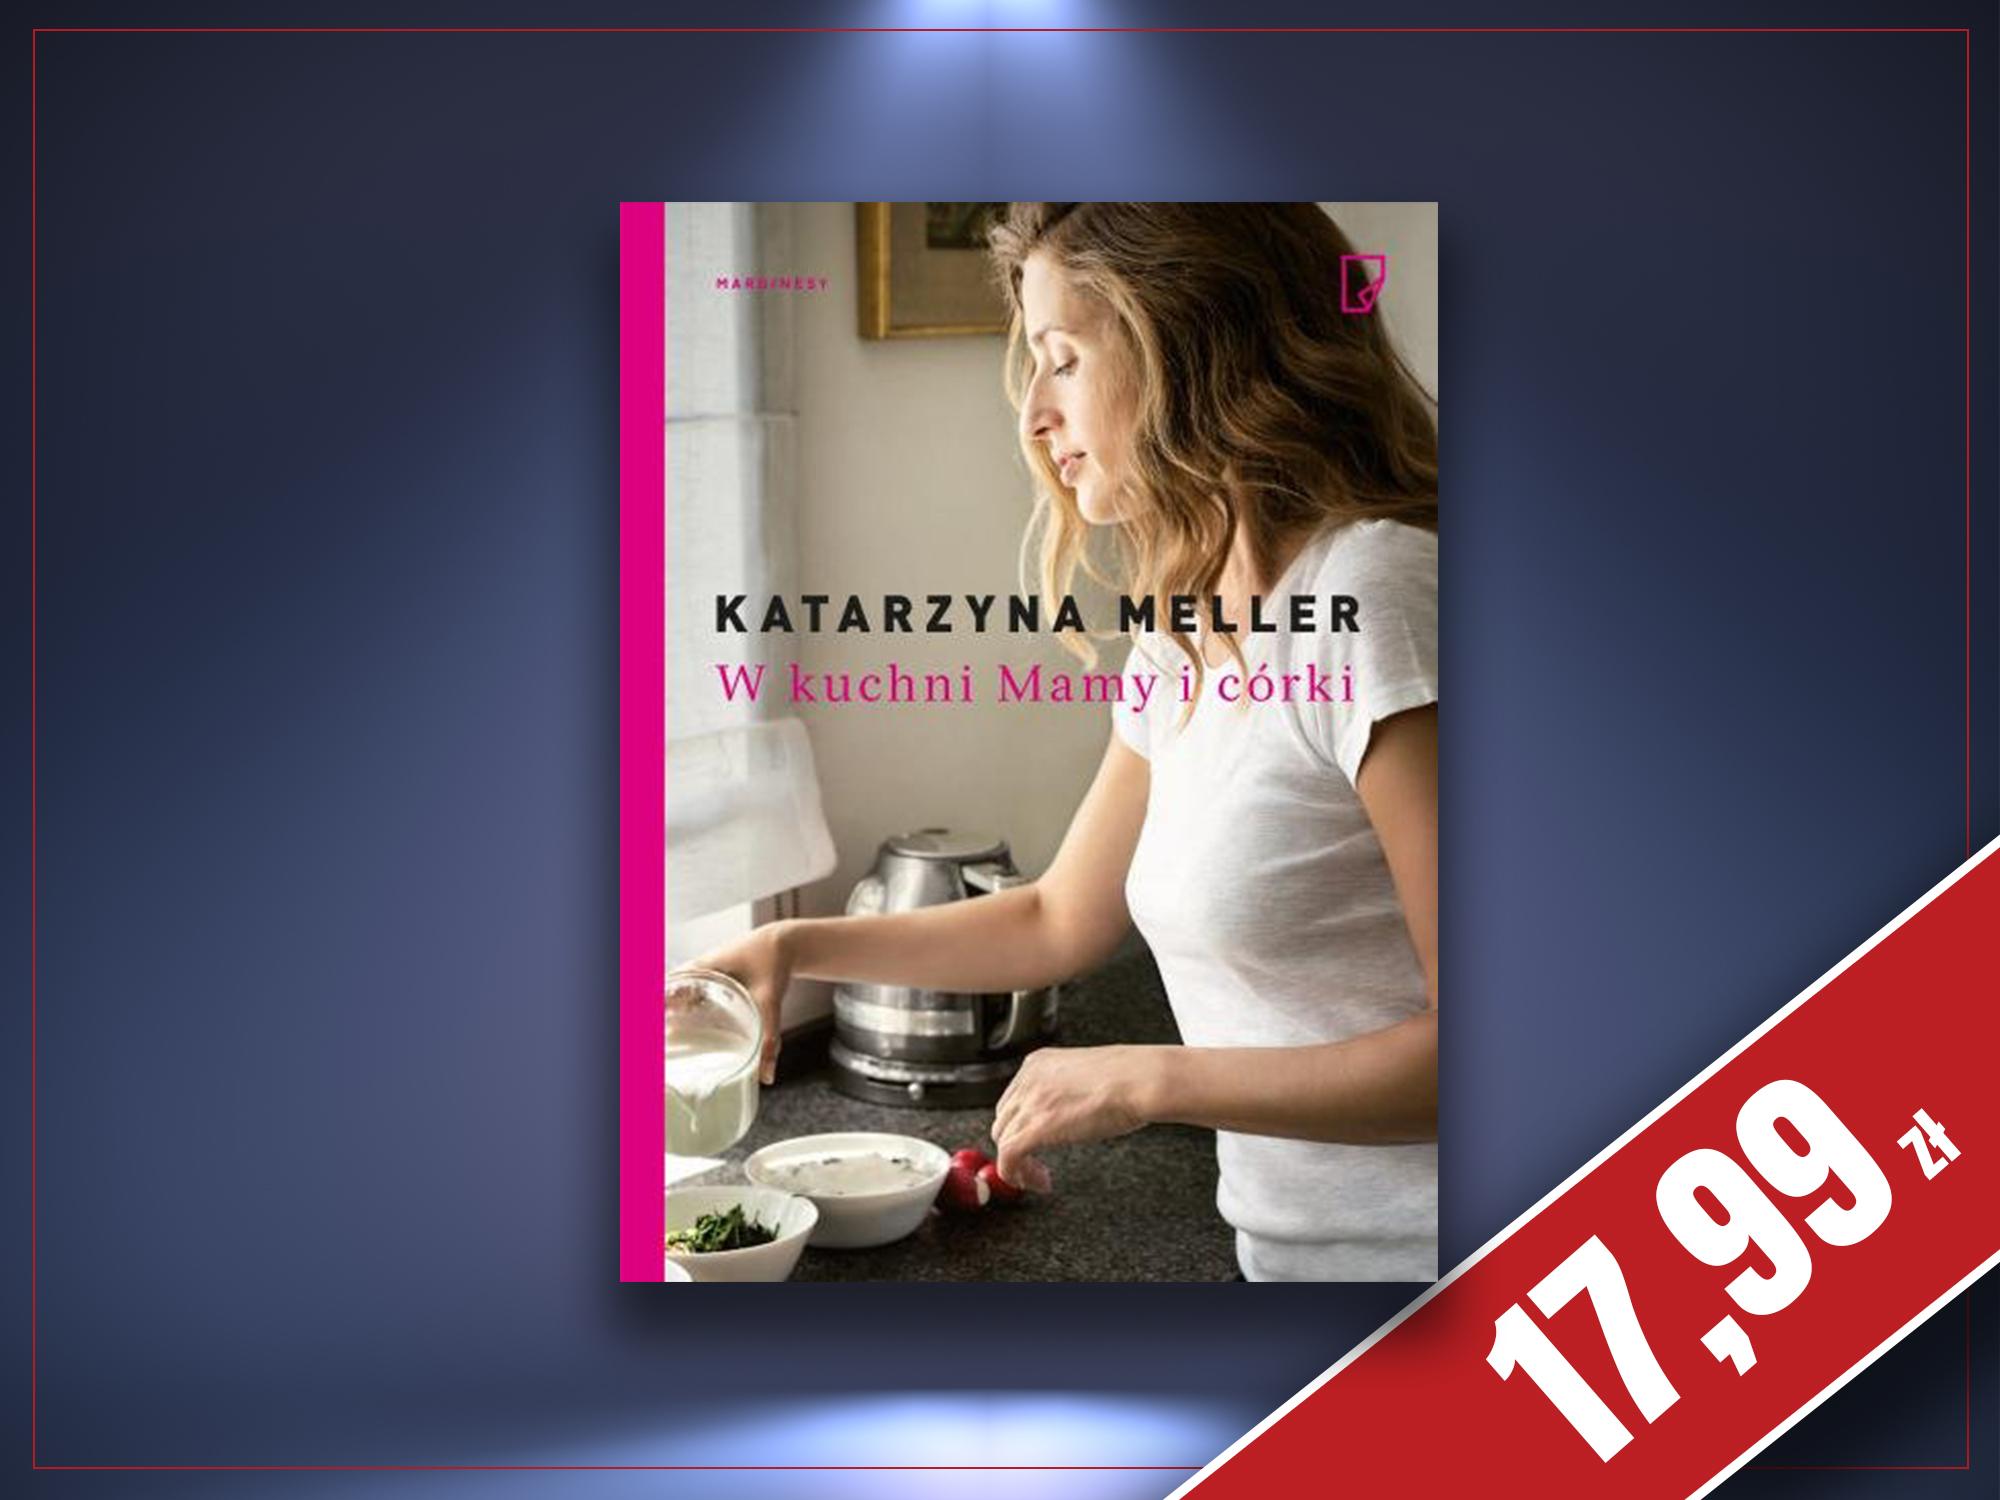 W kuchni Mamy i córki, Katarzyna Meller